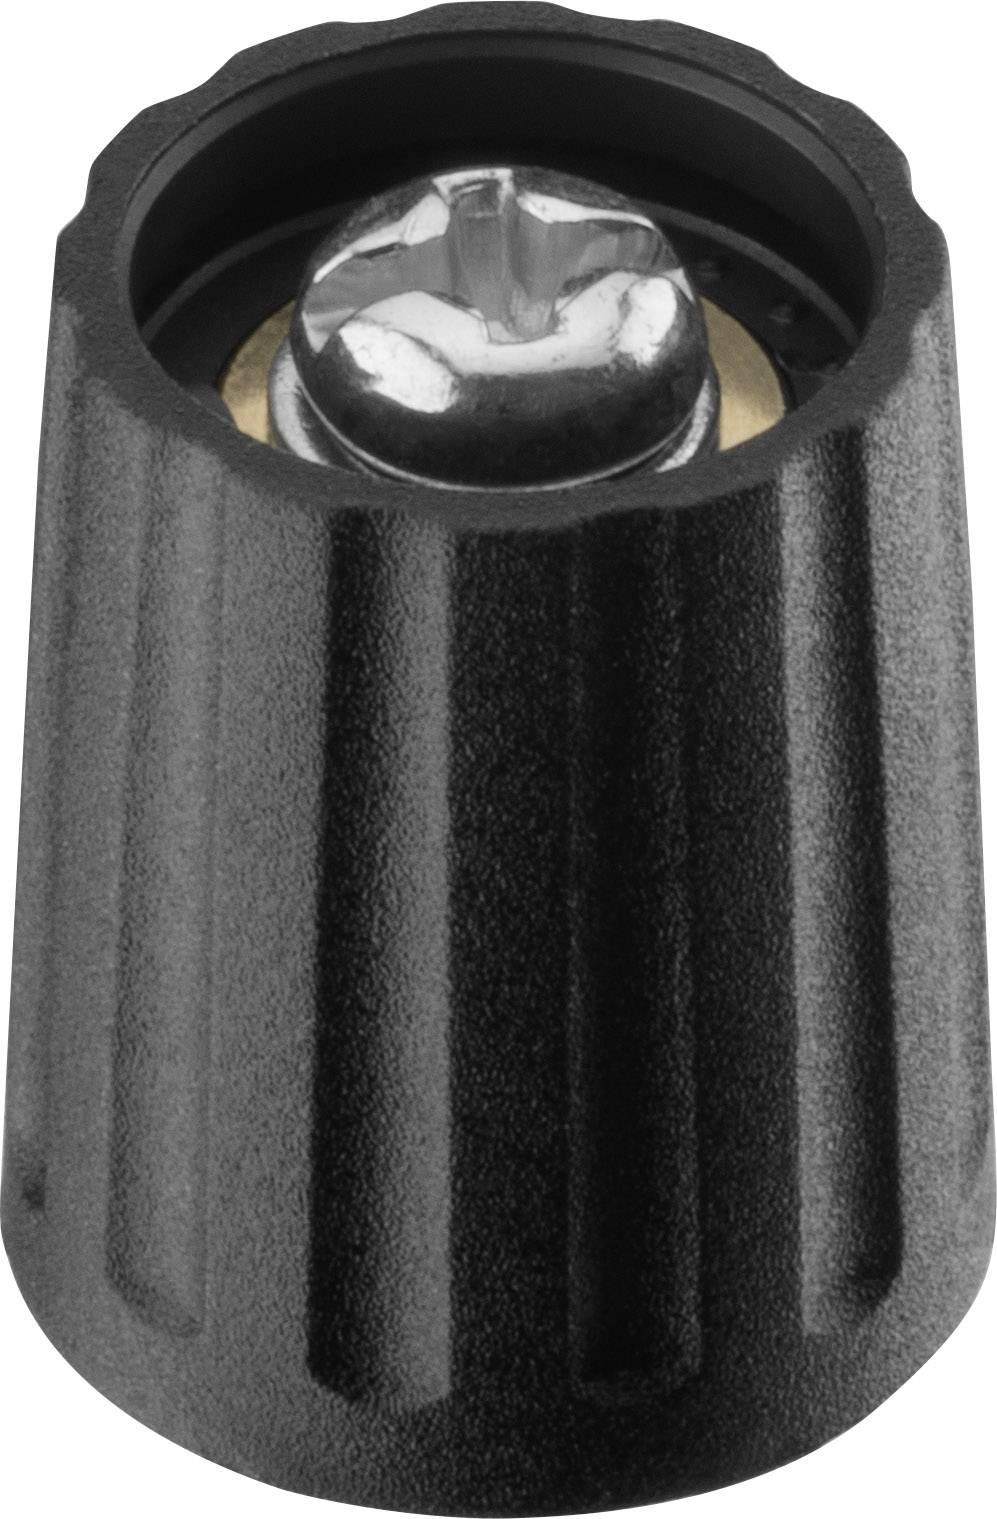 Otočný knoflík Ritel 26 13 60 3, (Ø x v) 13 mm x 15.5 mm, černá, 1 ks